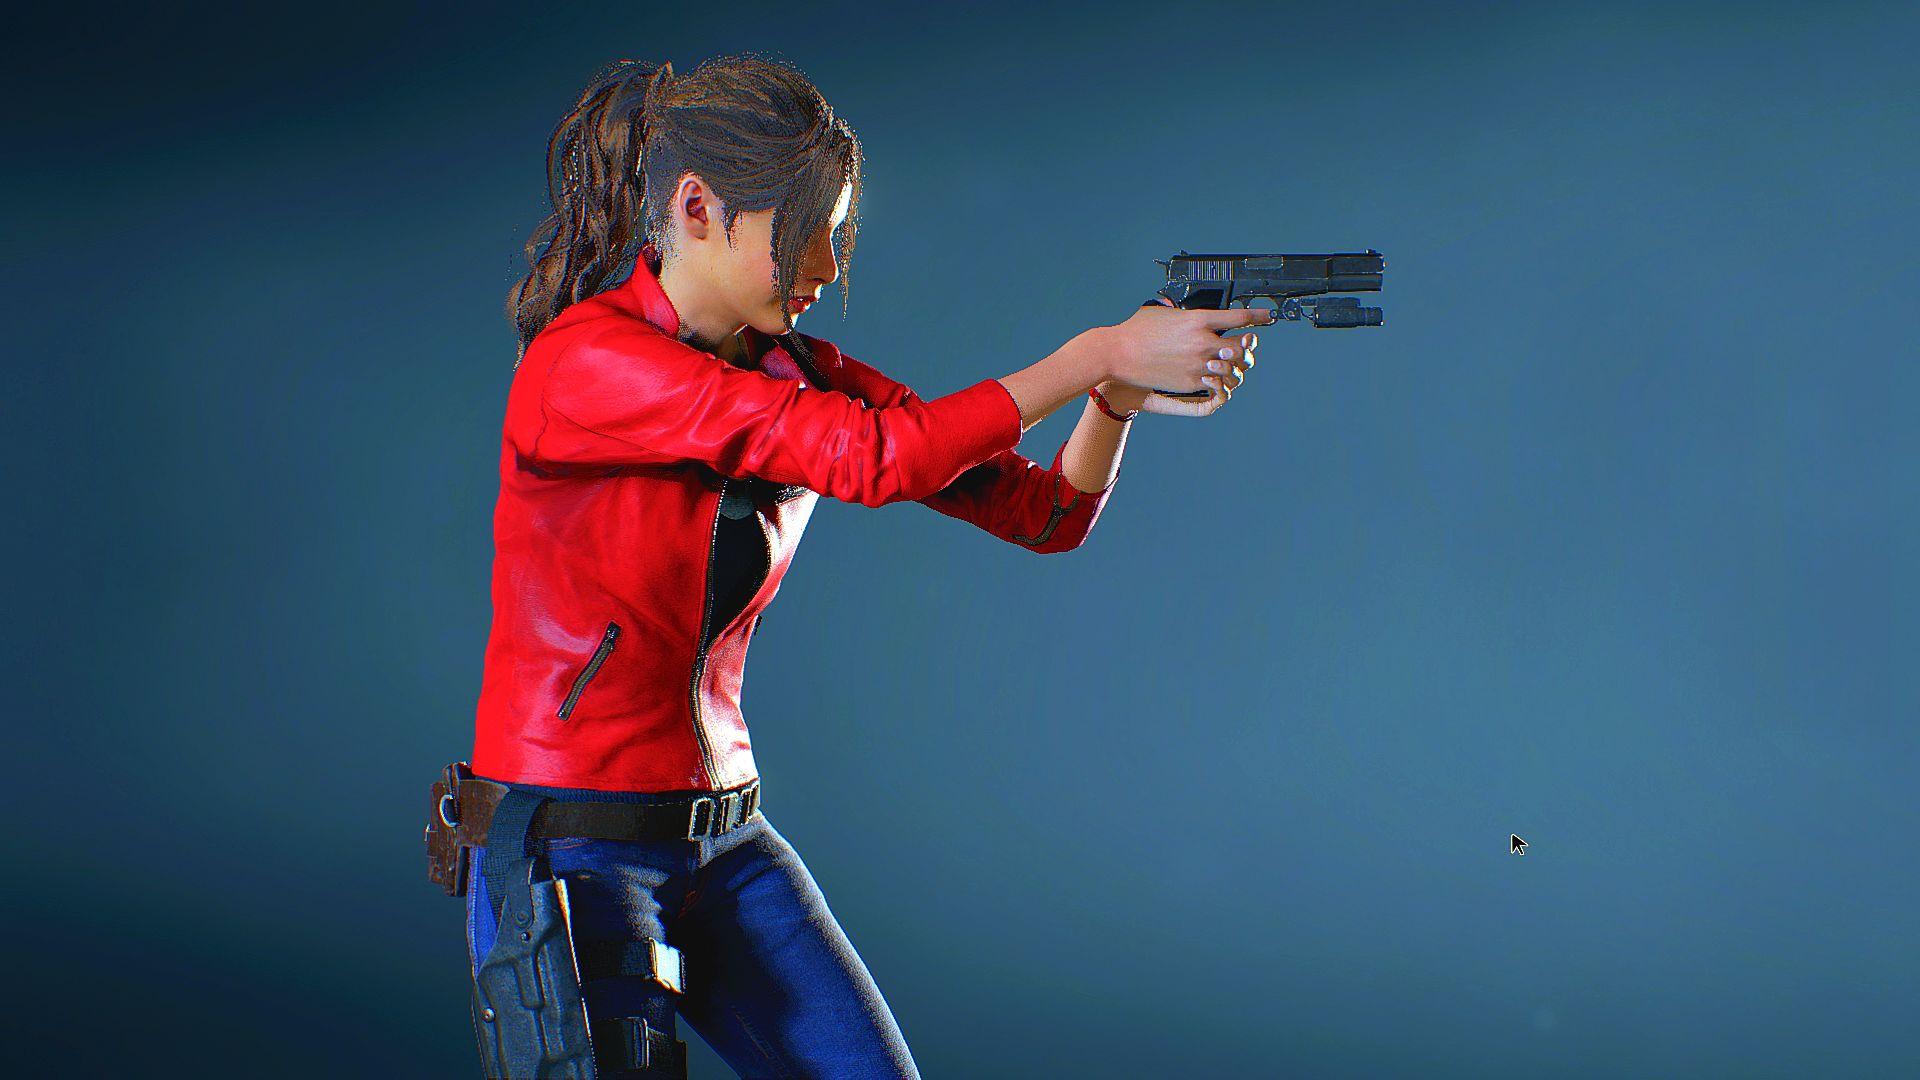 000249.Jpg - Resident Evil 2